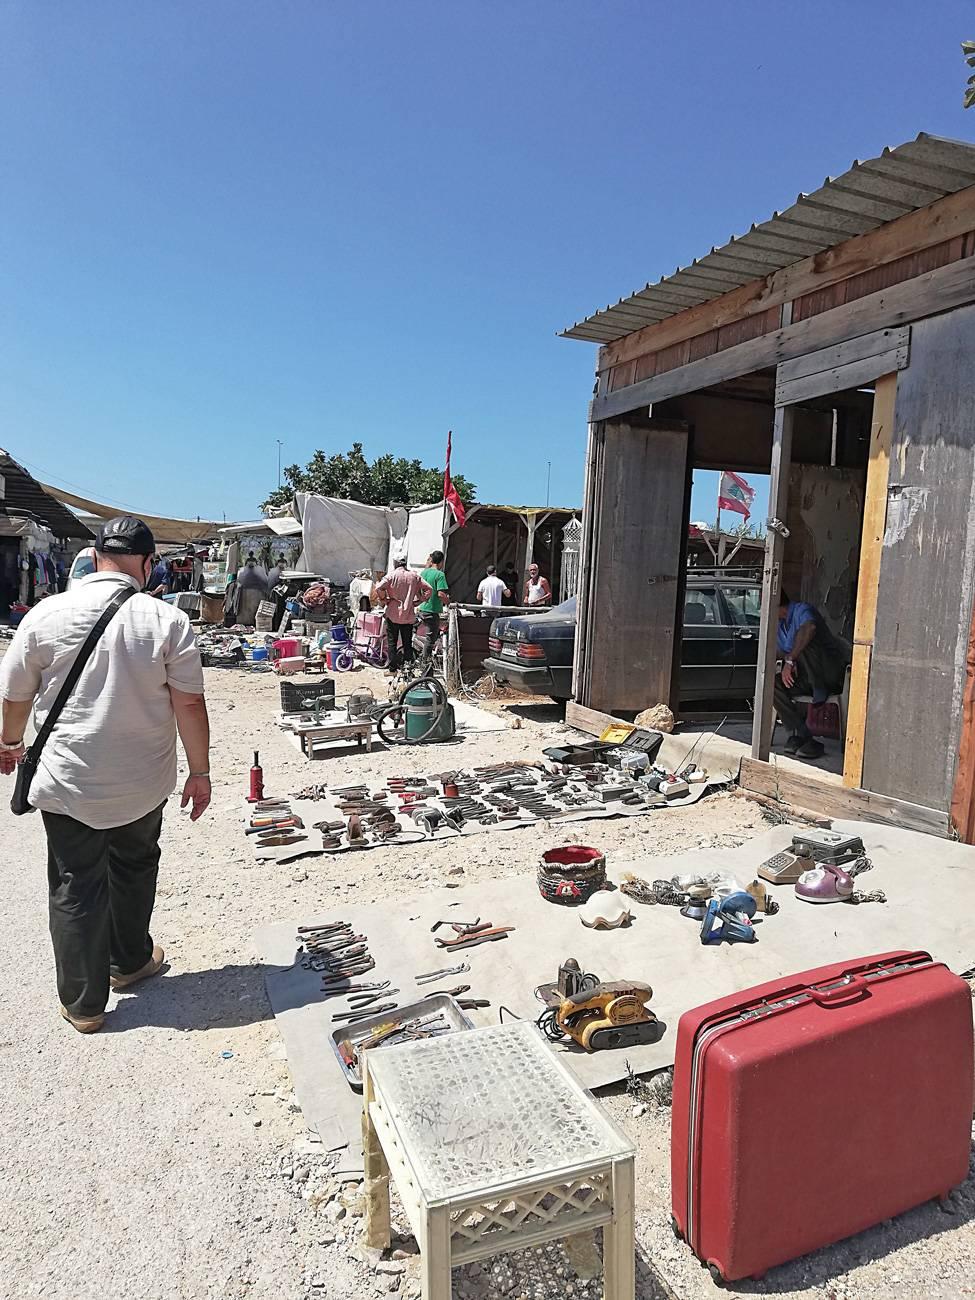 À Tripoli, les déchus de la classe moyenne se réfugient au marché aux puces